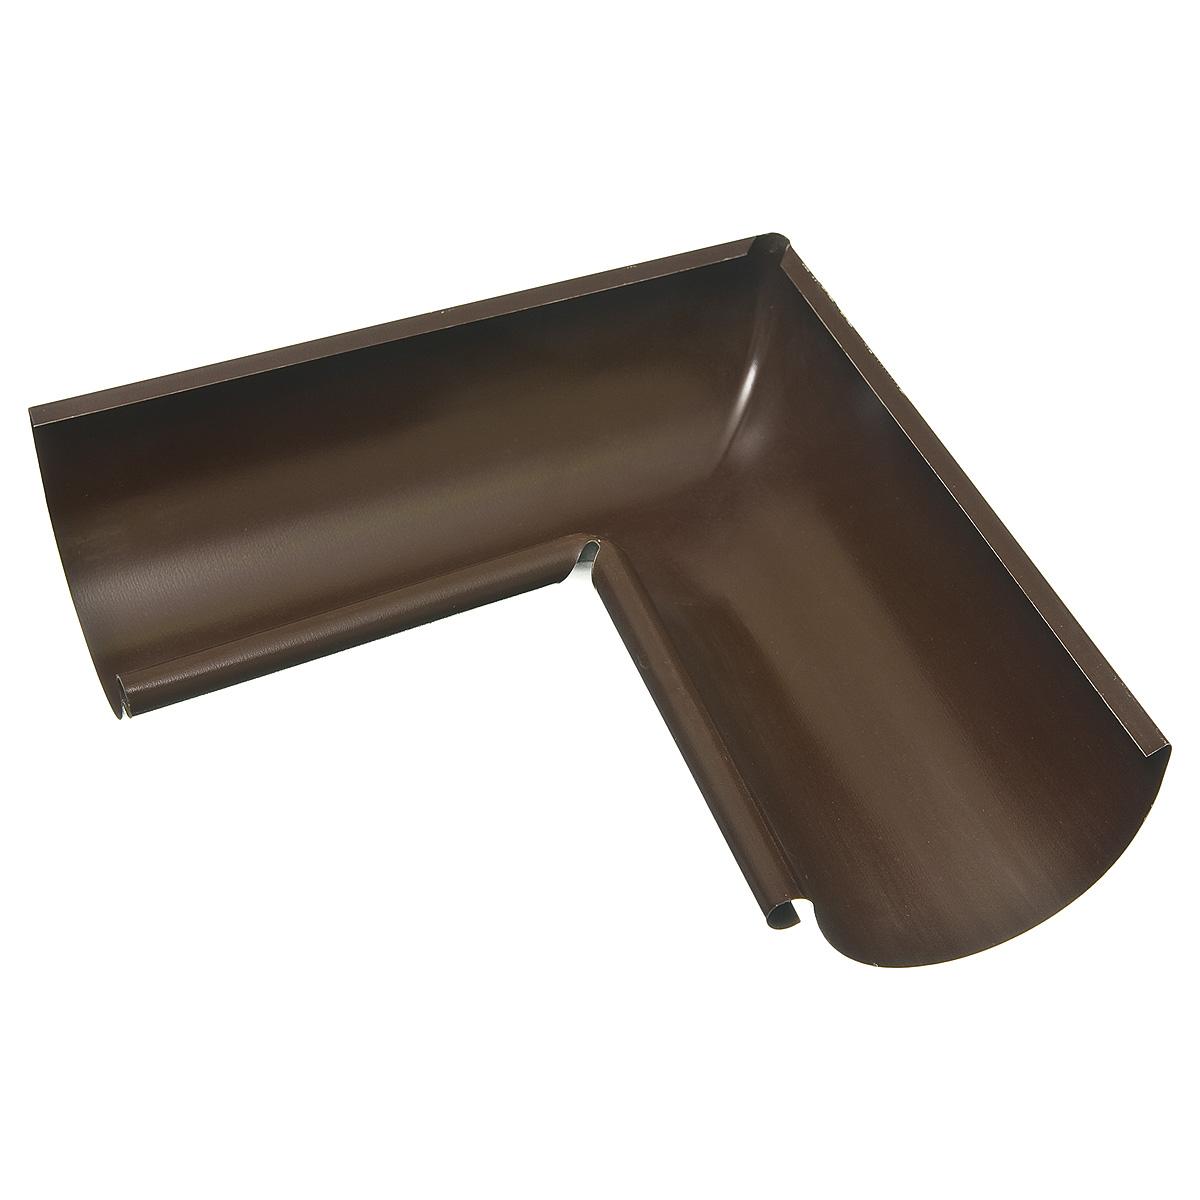 Угол желоба внутренний металлический 125/90° коричневый Grand Line